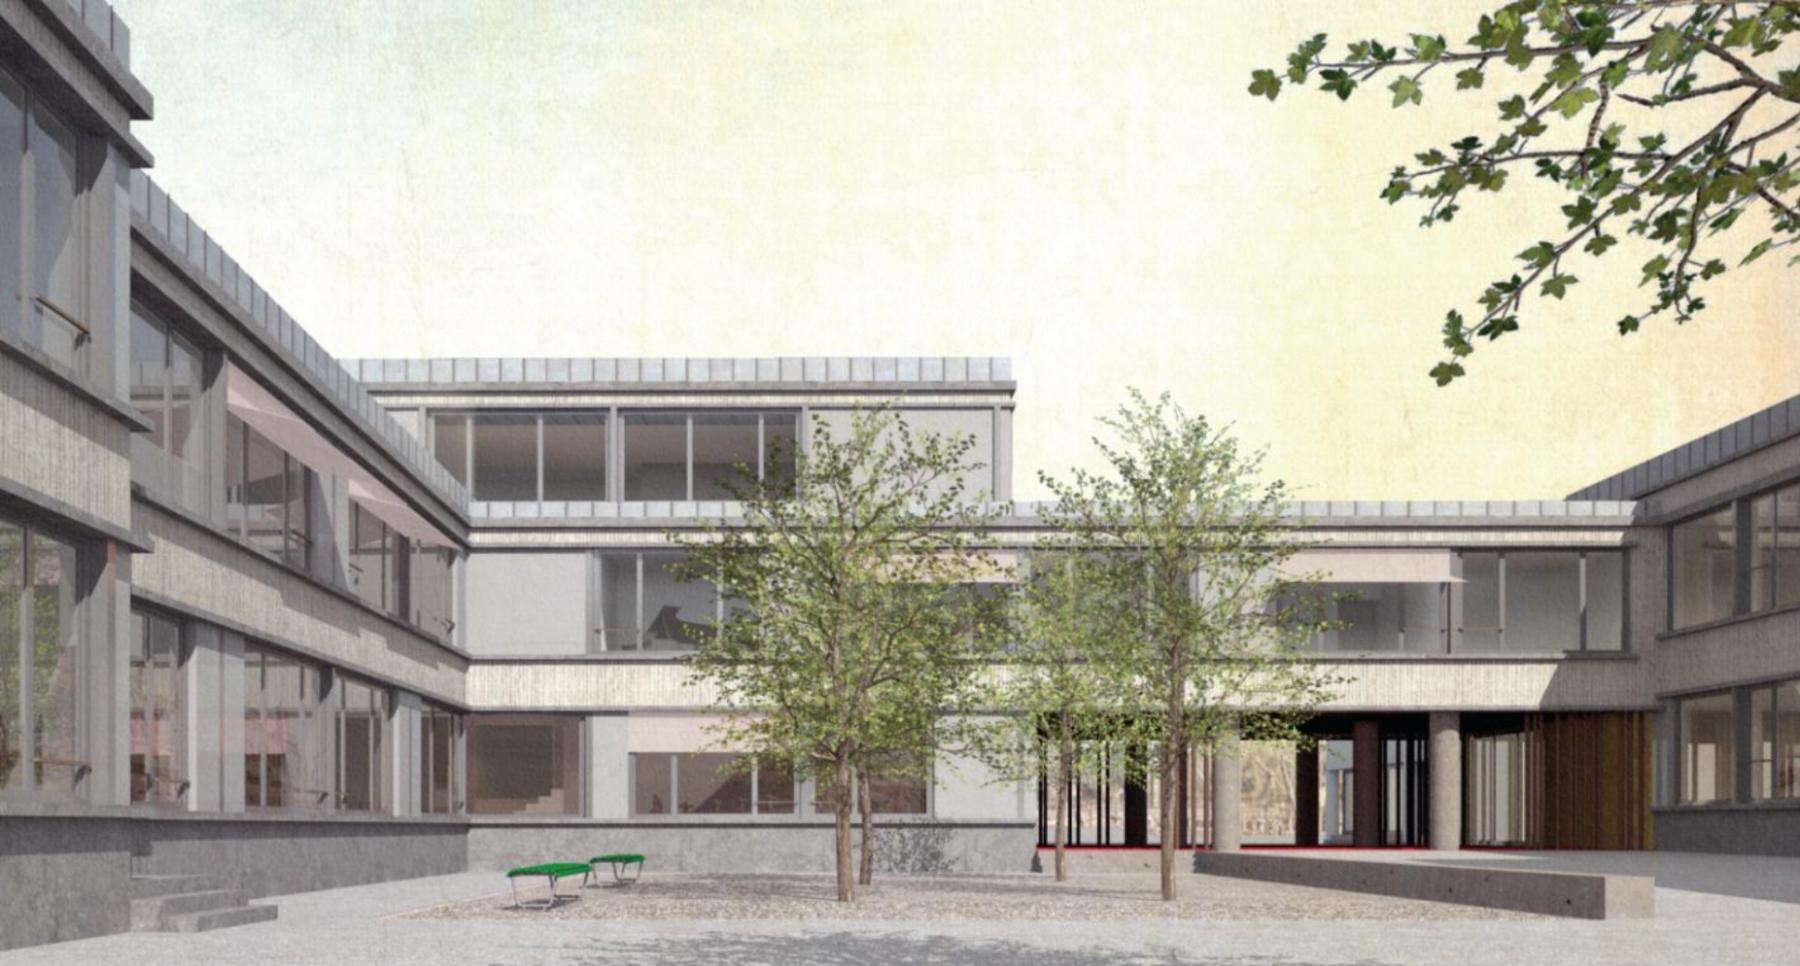 Erweiterungsbau Primarschule Rupperswil, Schmid Schärer Architekten, Ferdinand